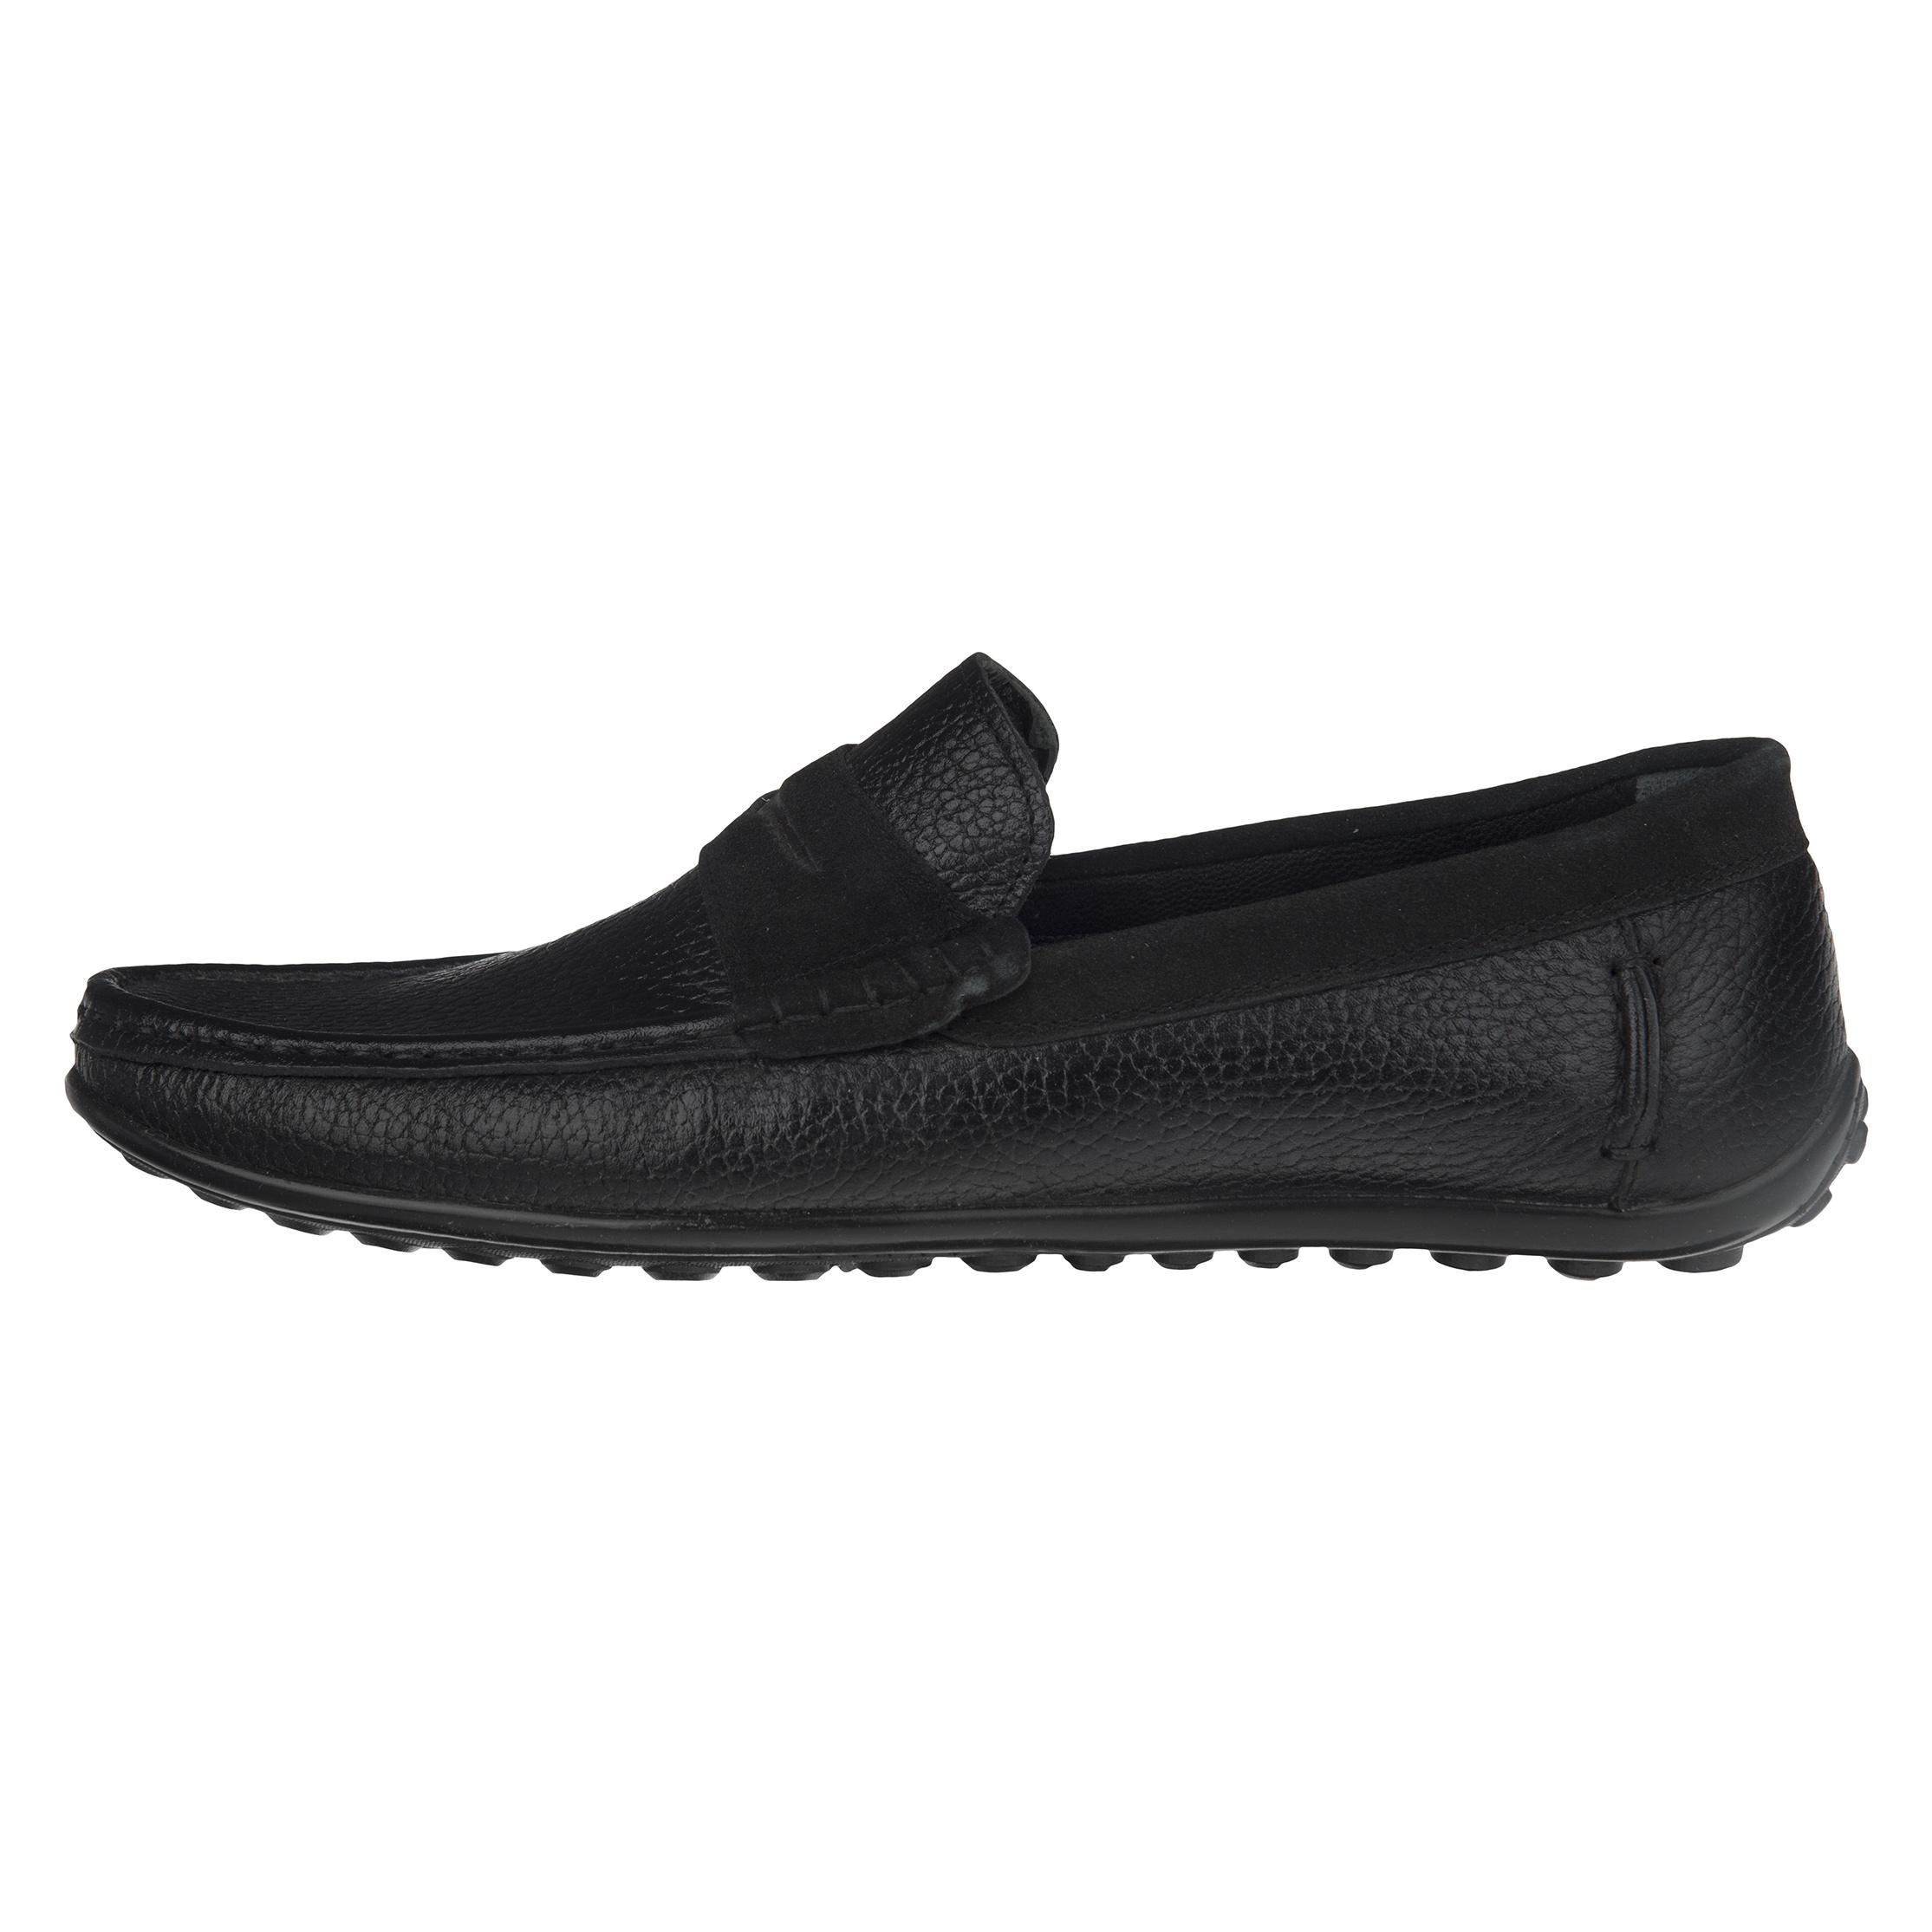 قیمت خرید کفش روزمره مردانه بلوط مدل 7126C503-101 اورجینال